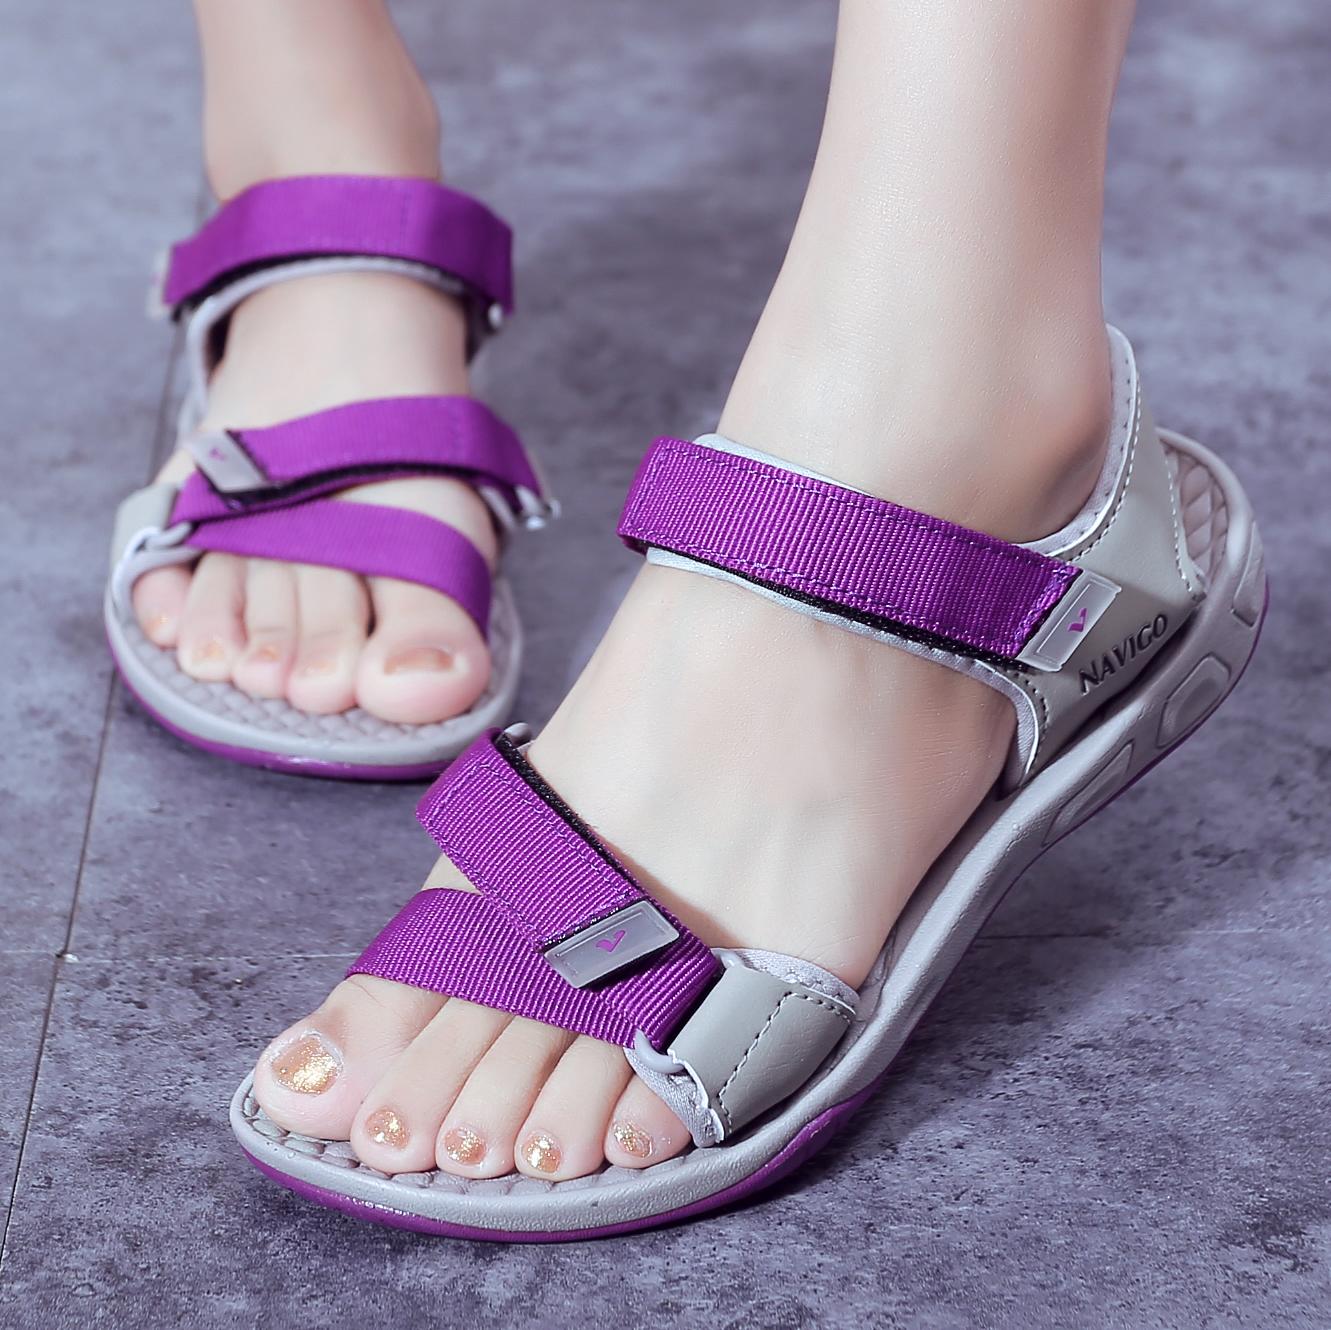 韩版时尚学生罗马鞋凉鞋原宿v时尚2019新款夏季越南女士平跟沙滩鞋